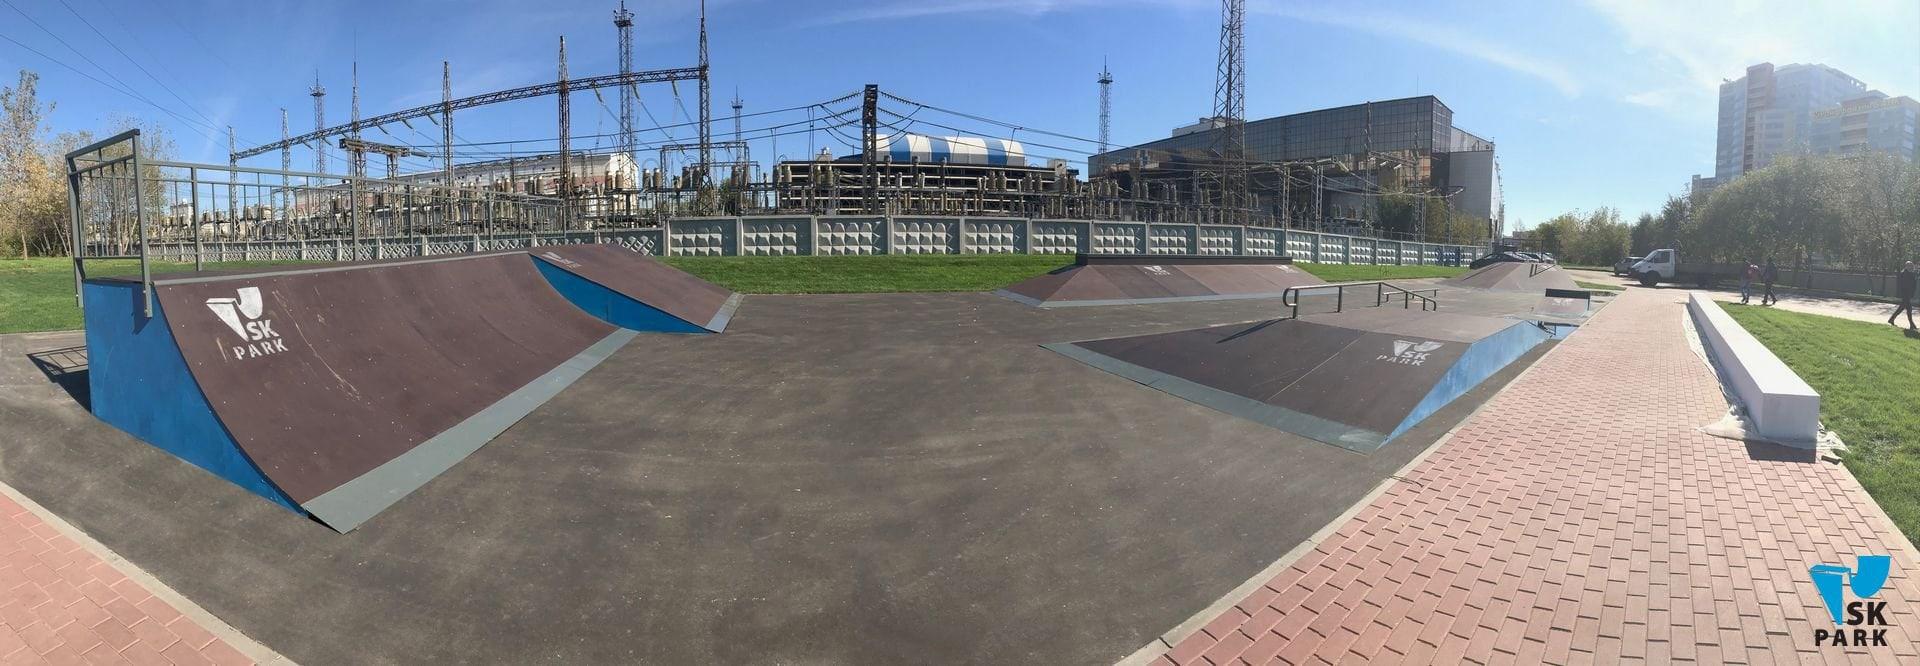 Скейт парк в Кожухово, Москва / Skatepark in Moscow by SK PARK